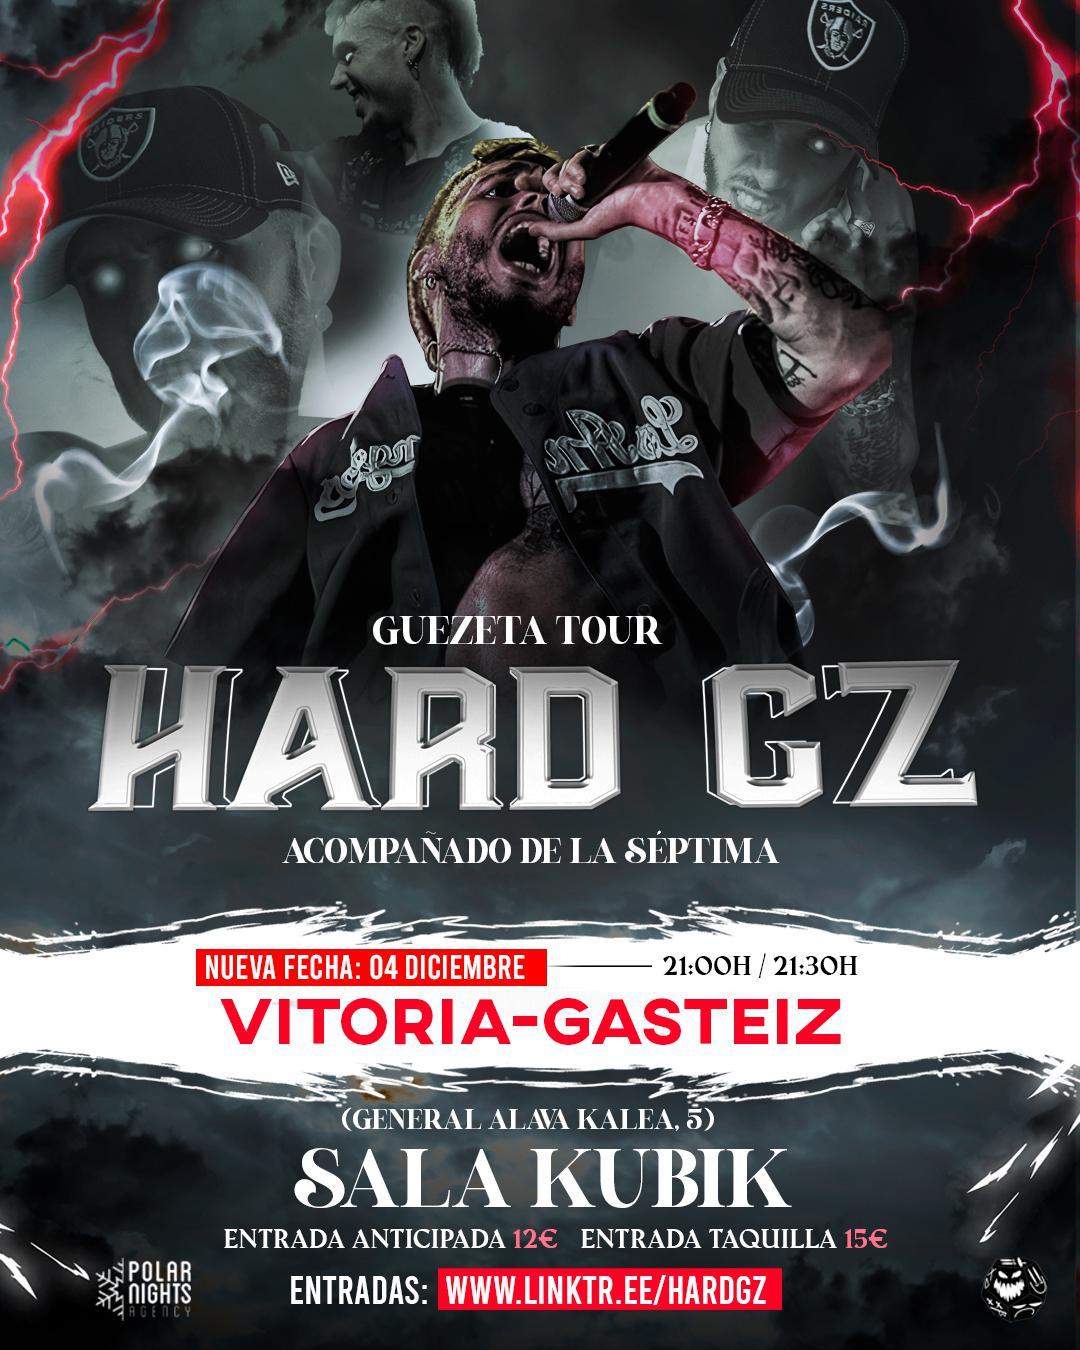 Hard GZ